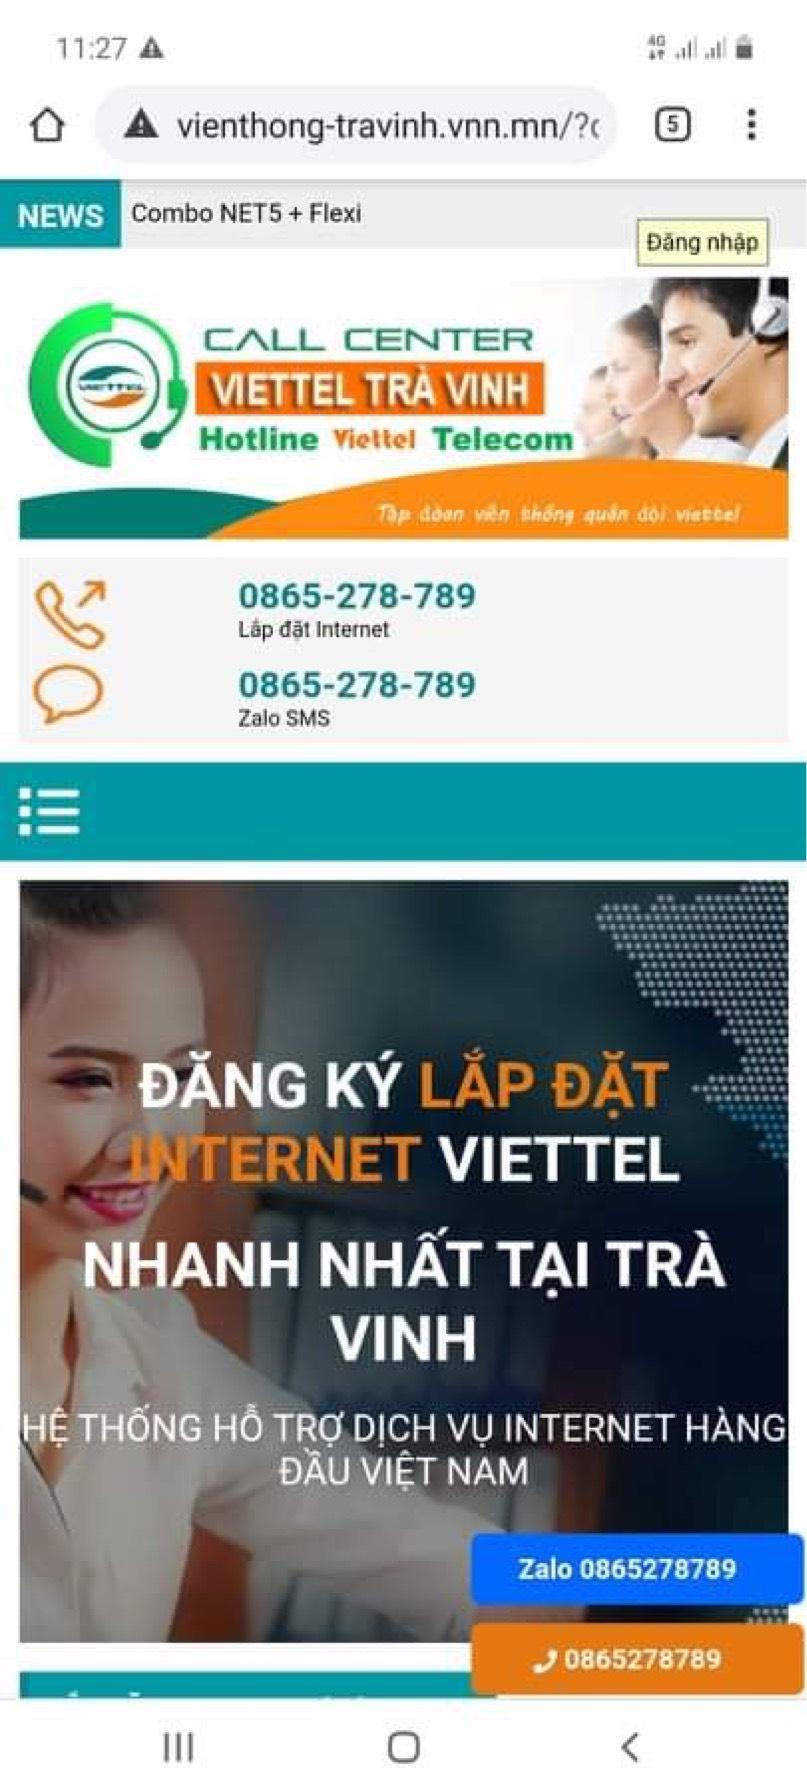 Hình ảnh trang web bán hàng Online